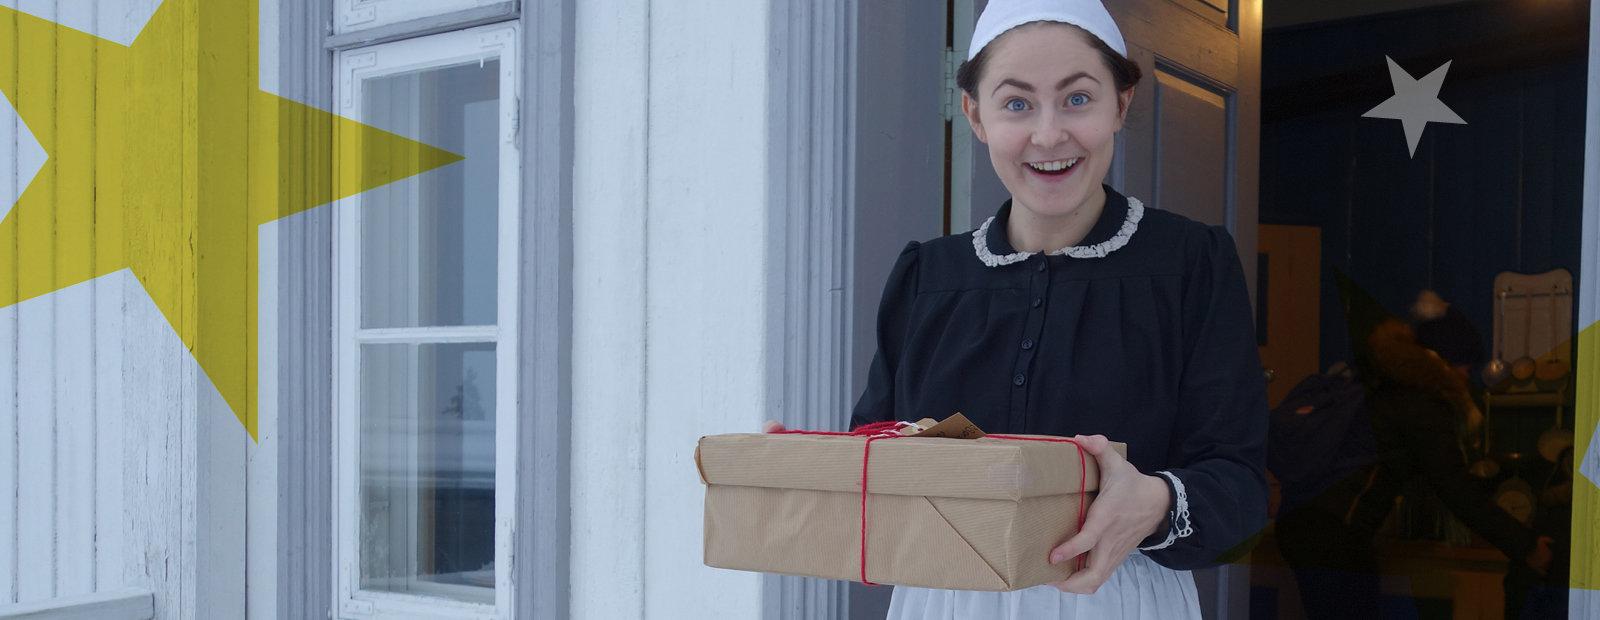 Jente med tjenesteantrekk holder forventningsfullt en pakke med gråpapir og rød hyssing rundt.